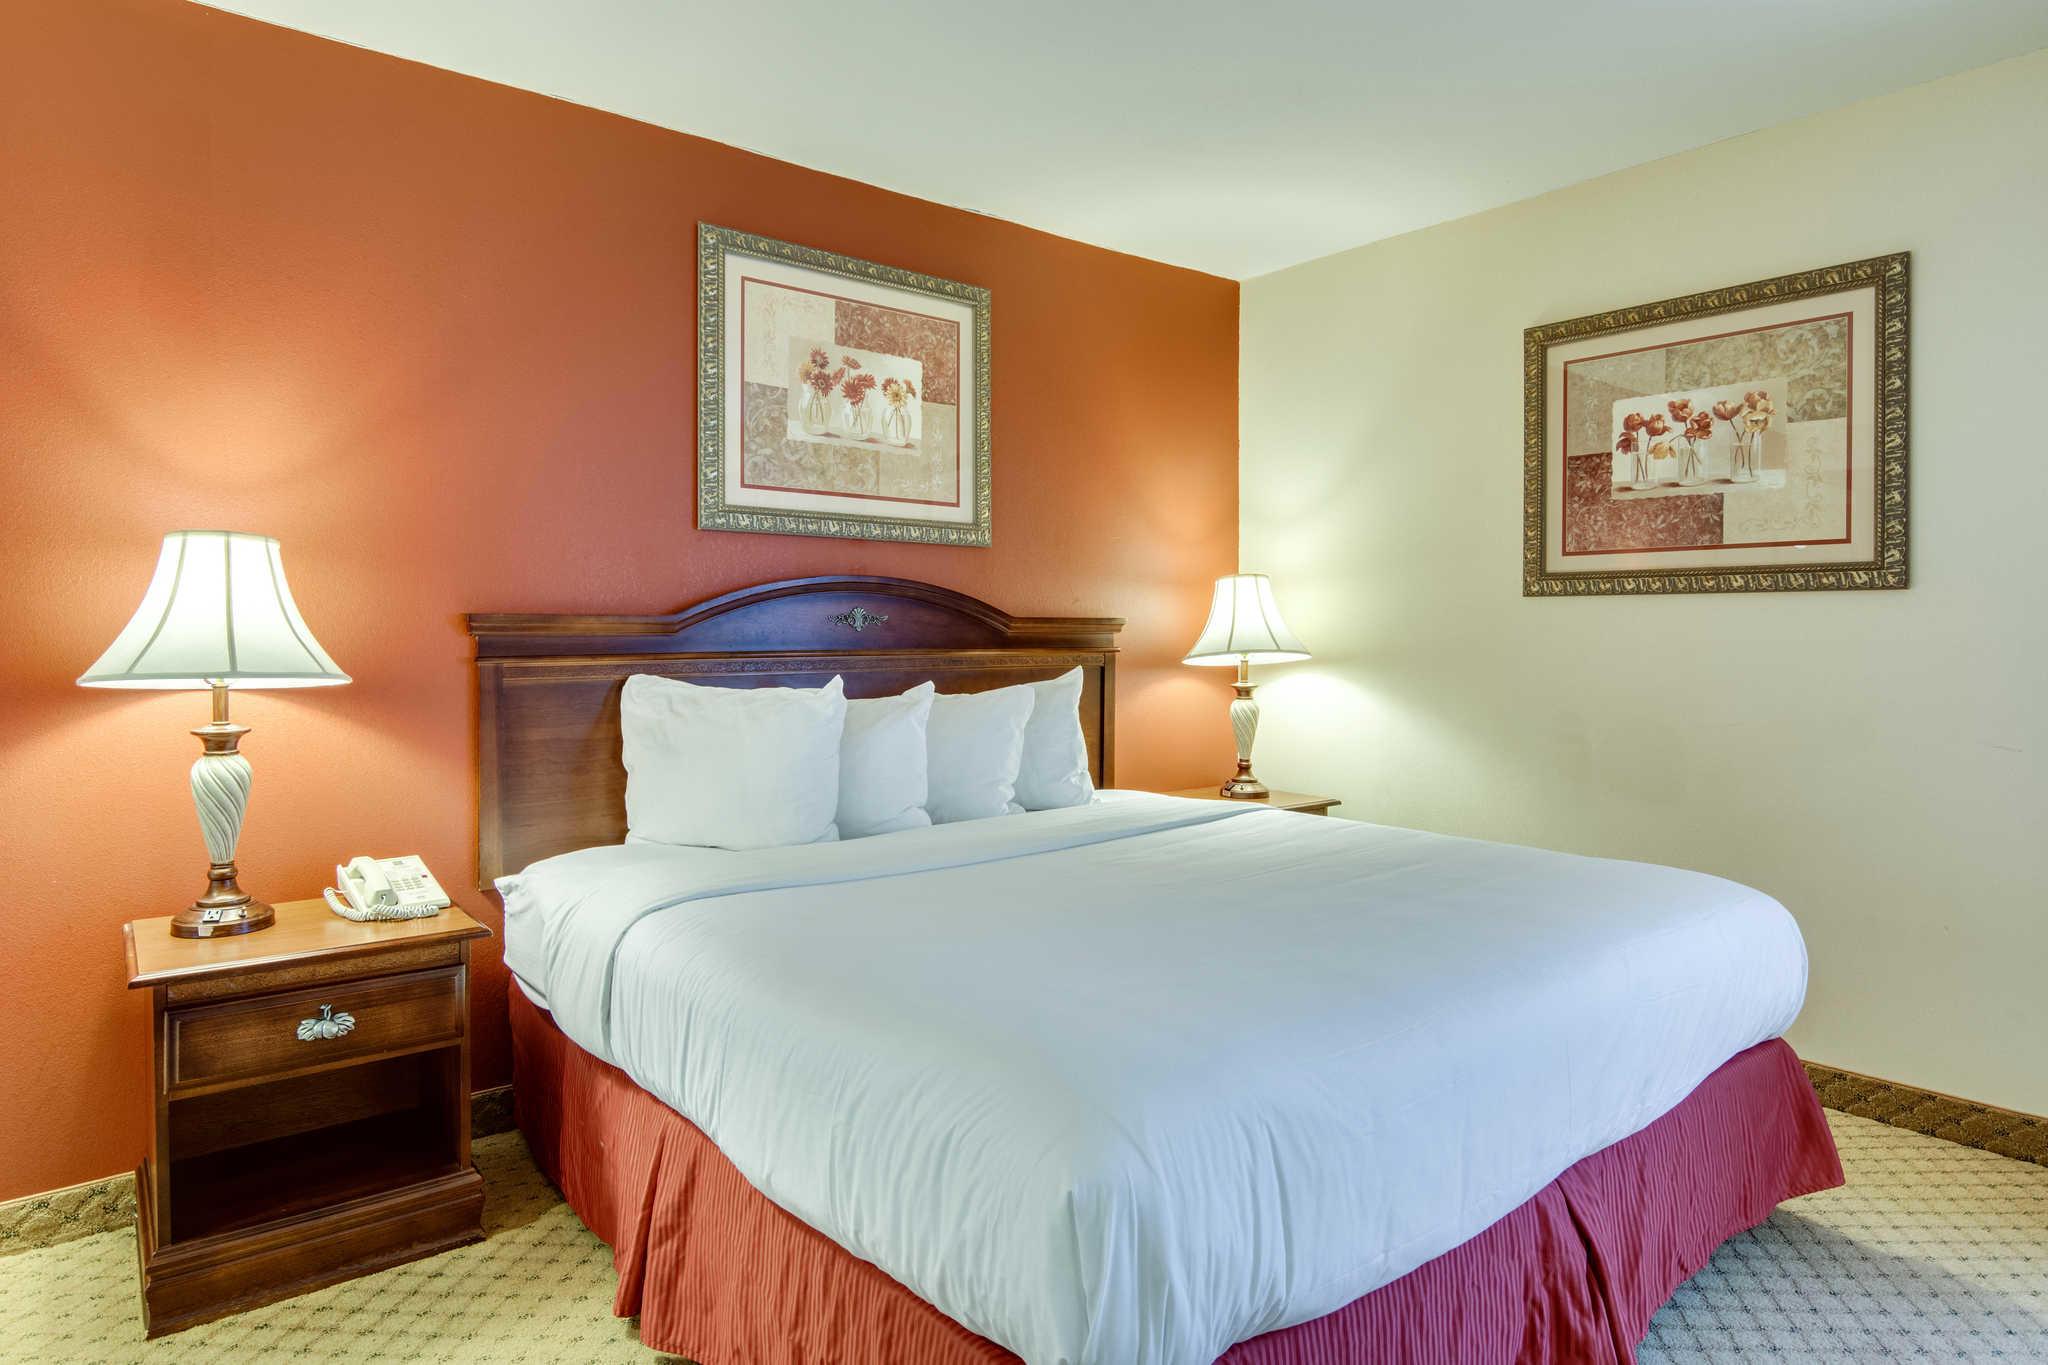 Quality Inn Jacksonville image 15